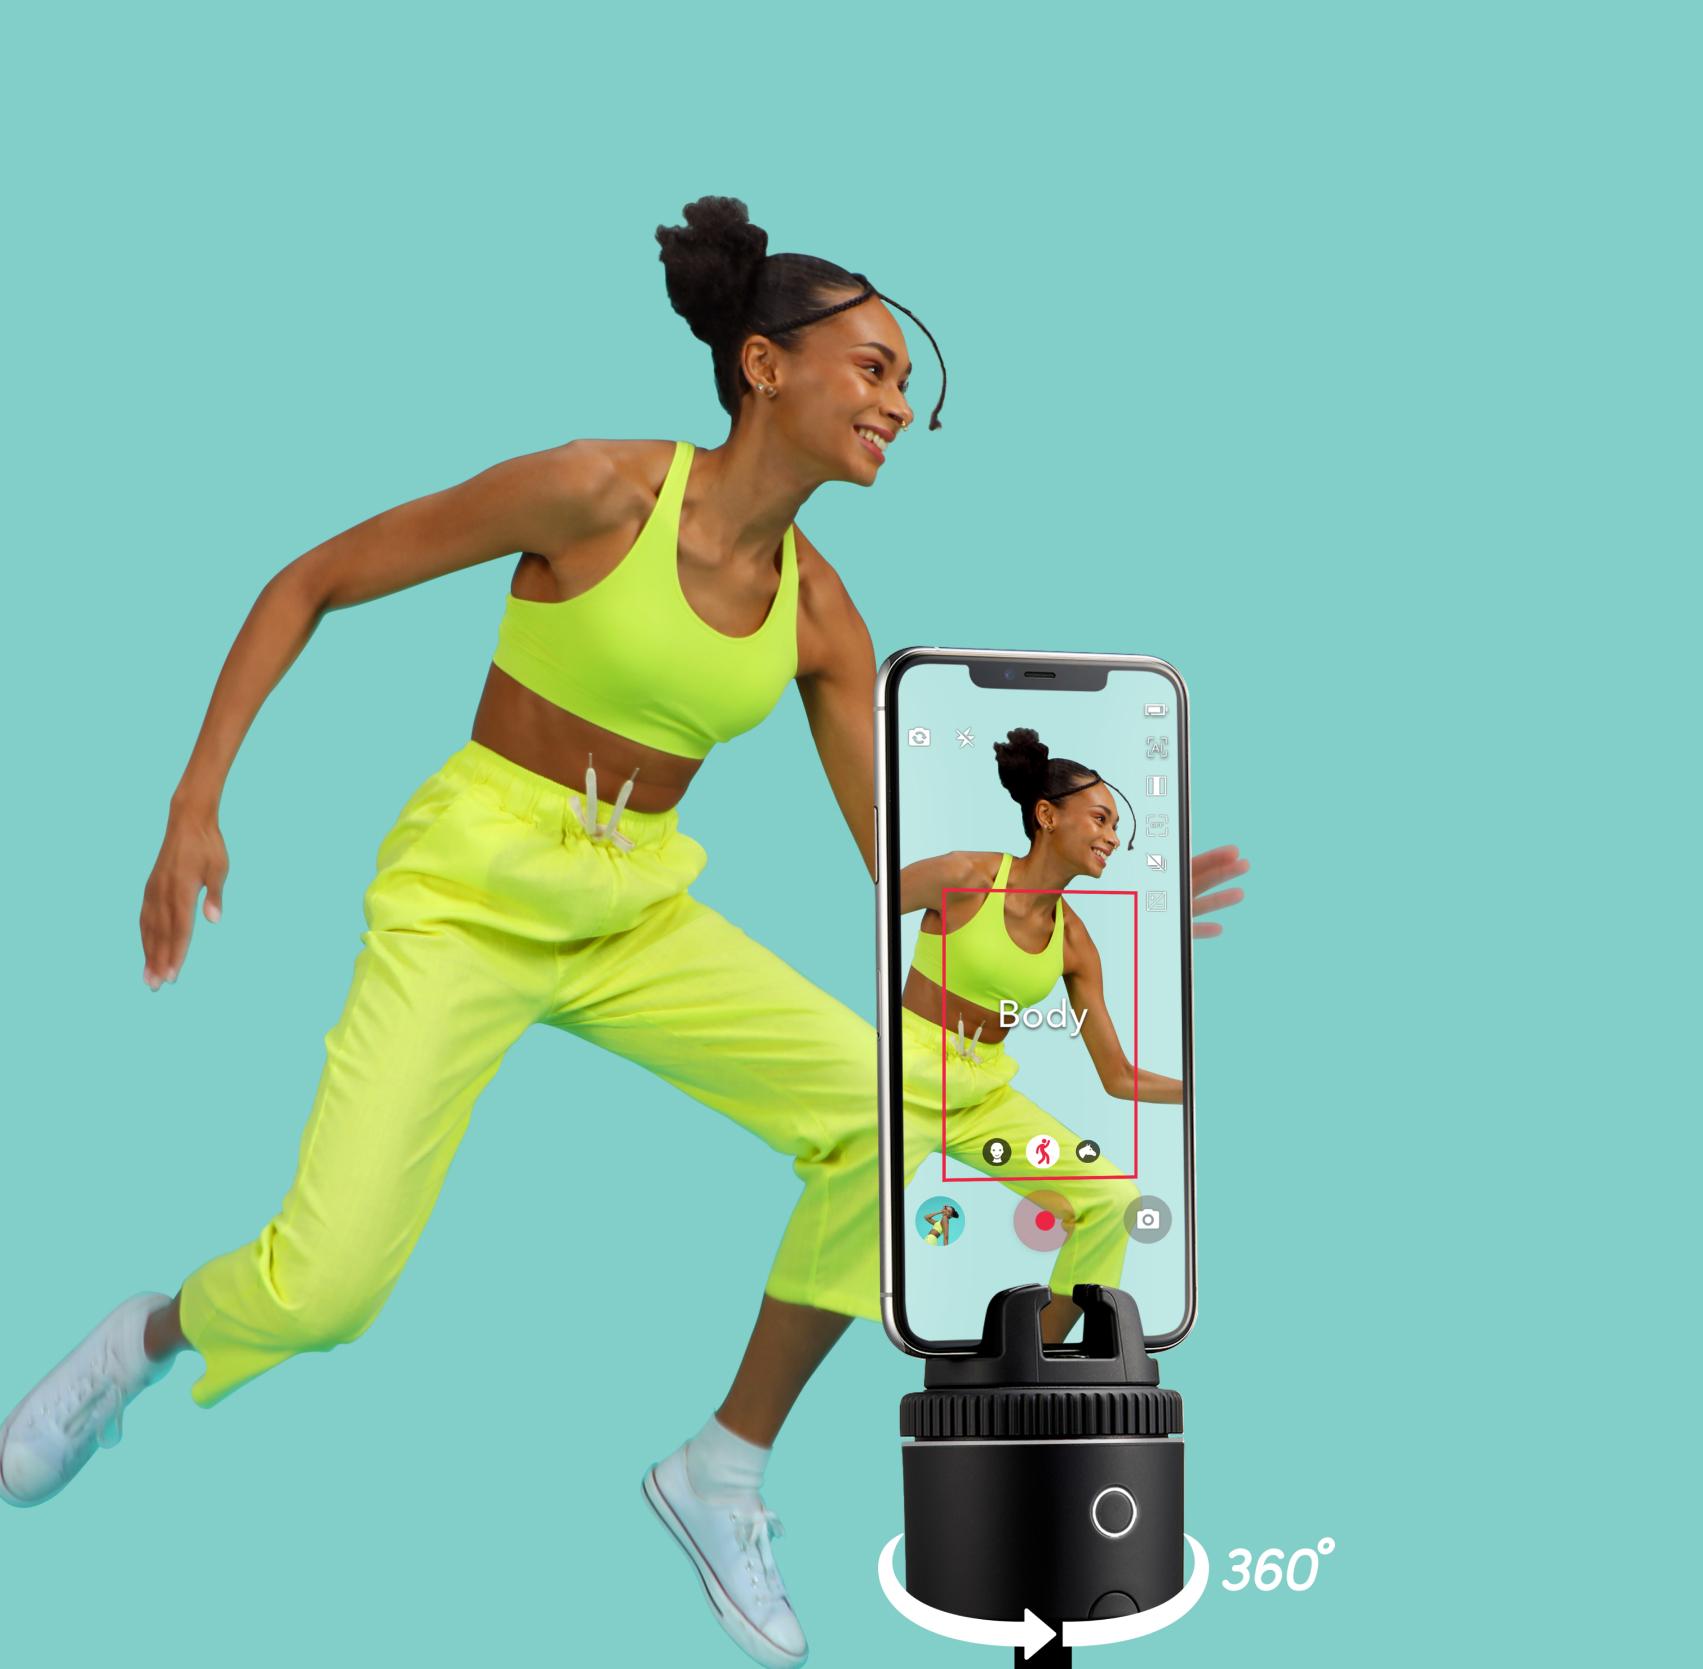 Pivo Shoot On Fitness Girl